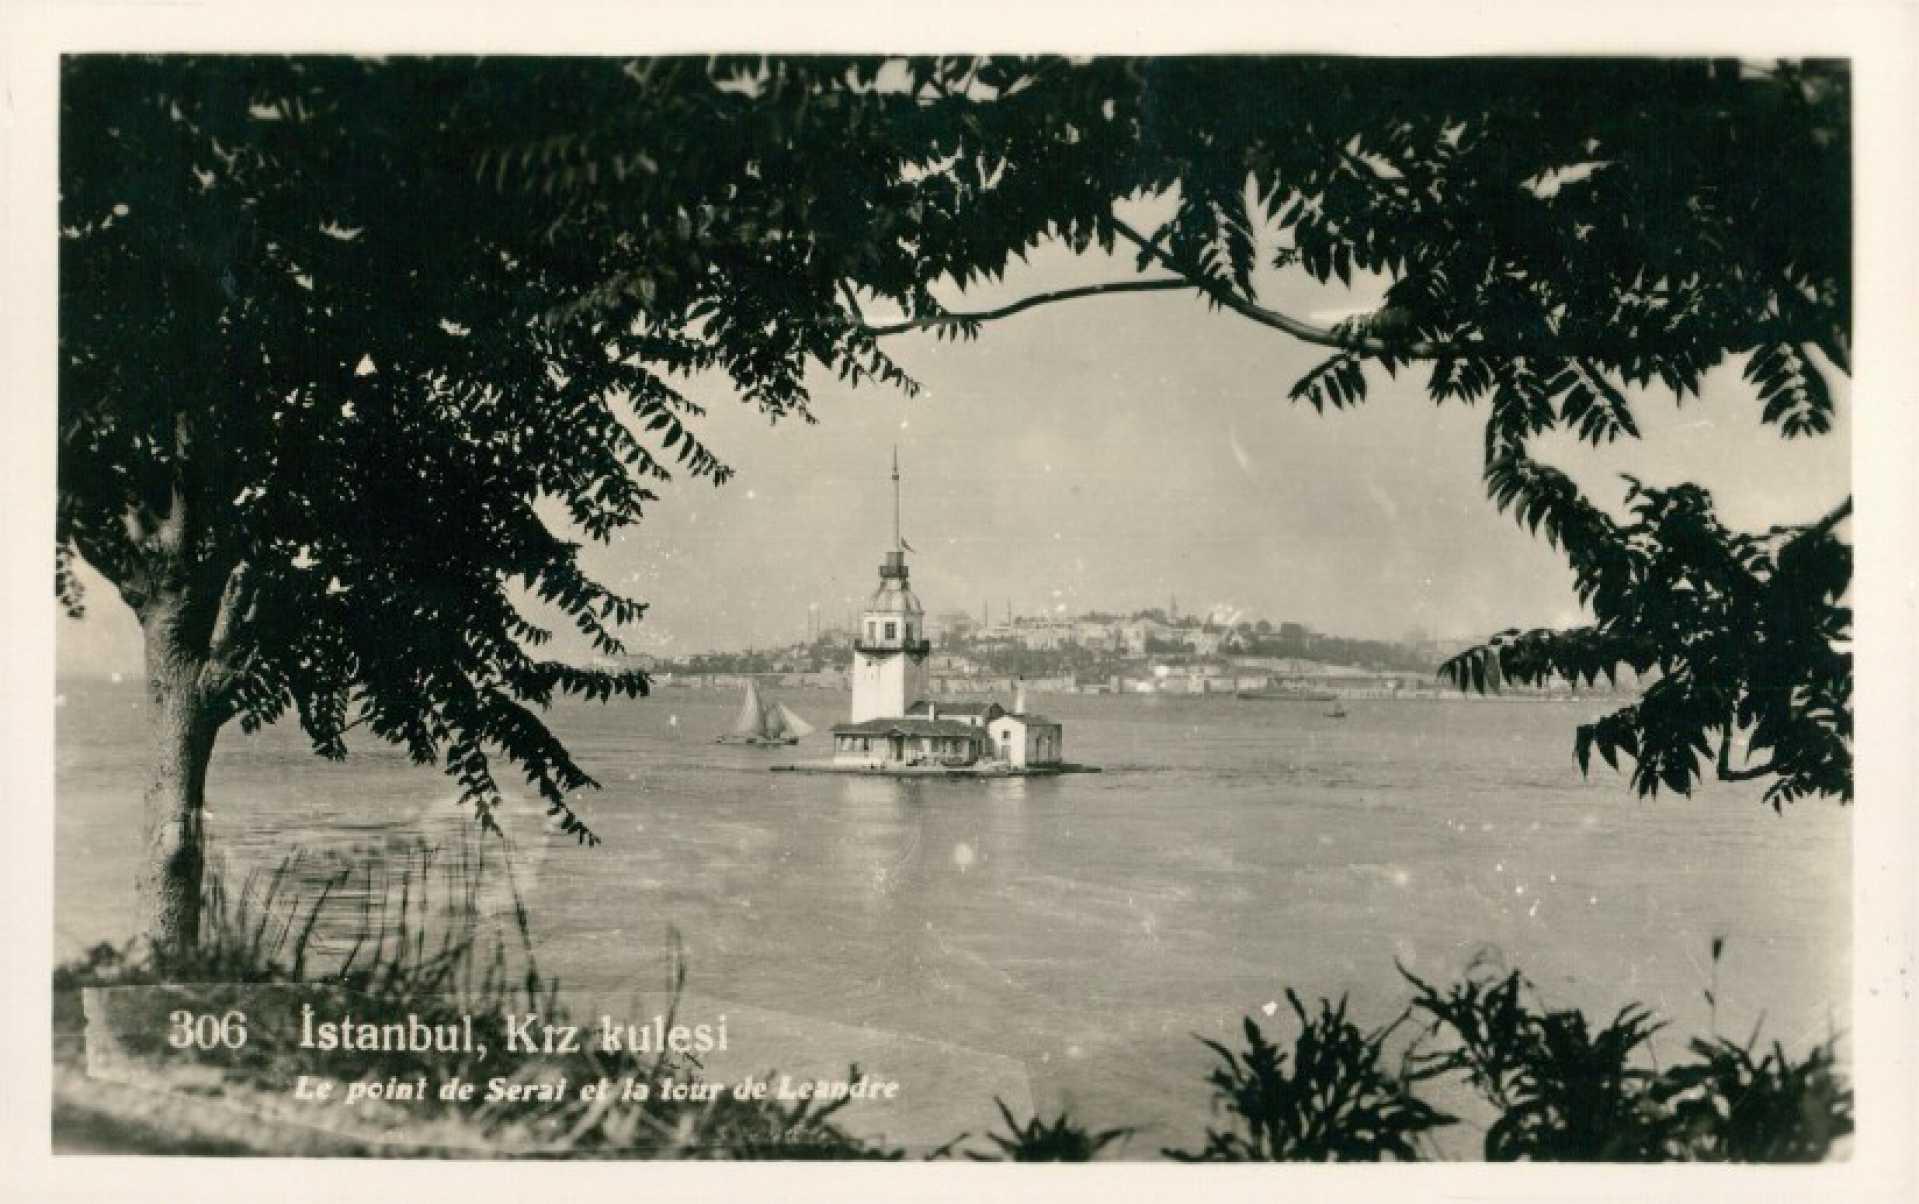 İstanbul. Kız kulesi Le point de Serai et la tour de Leandre